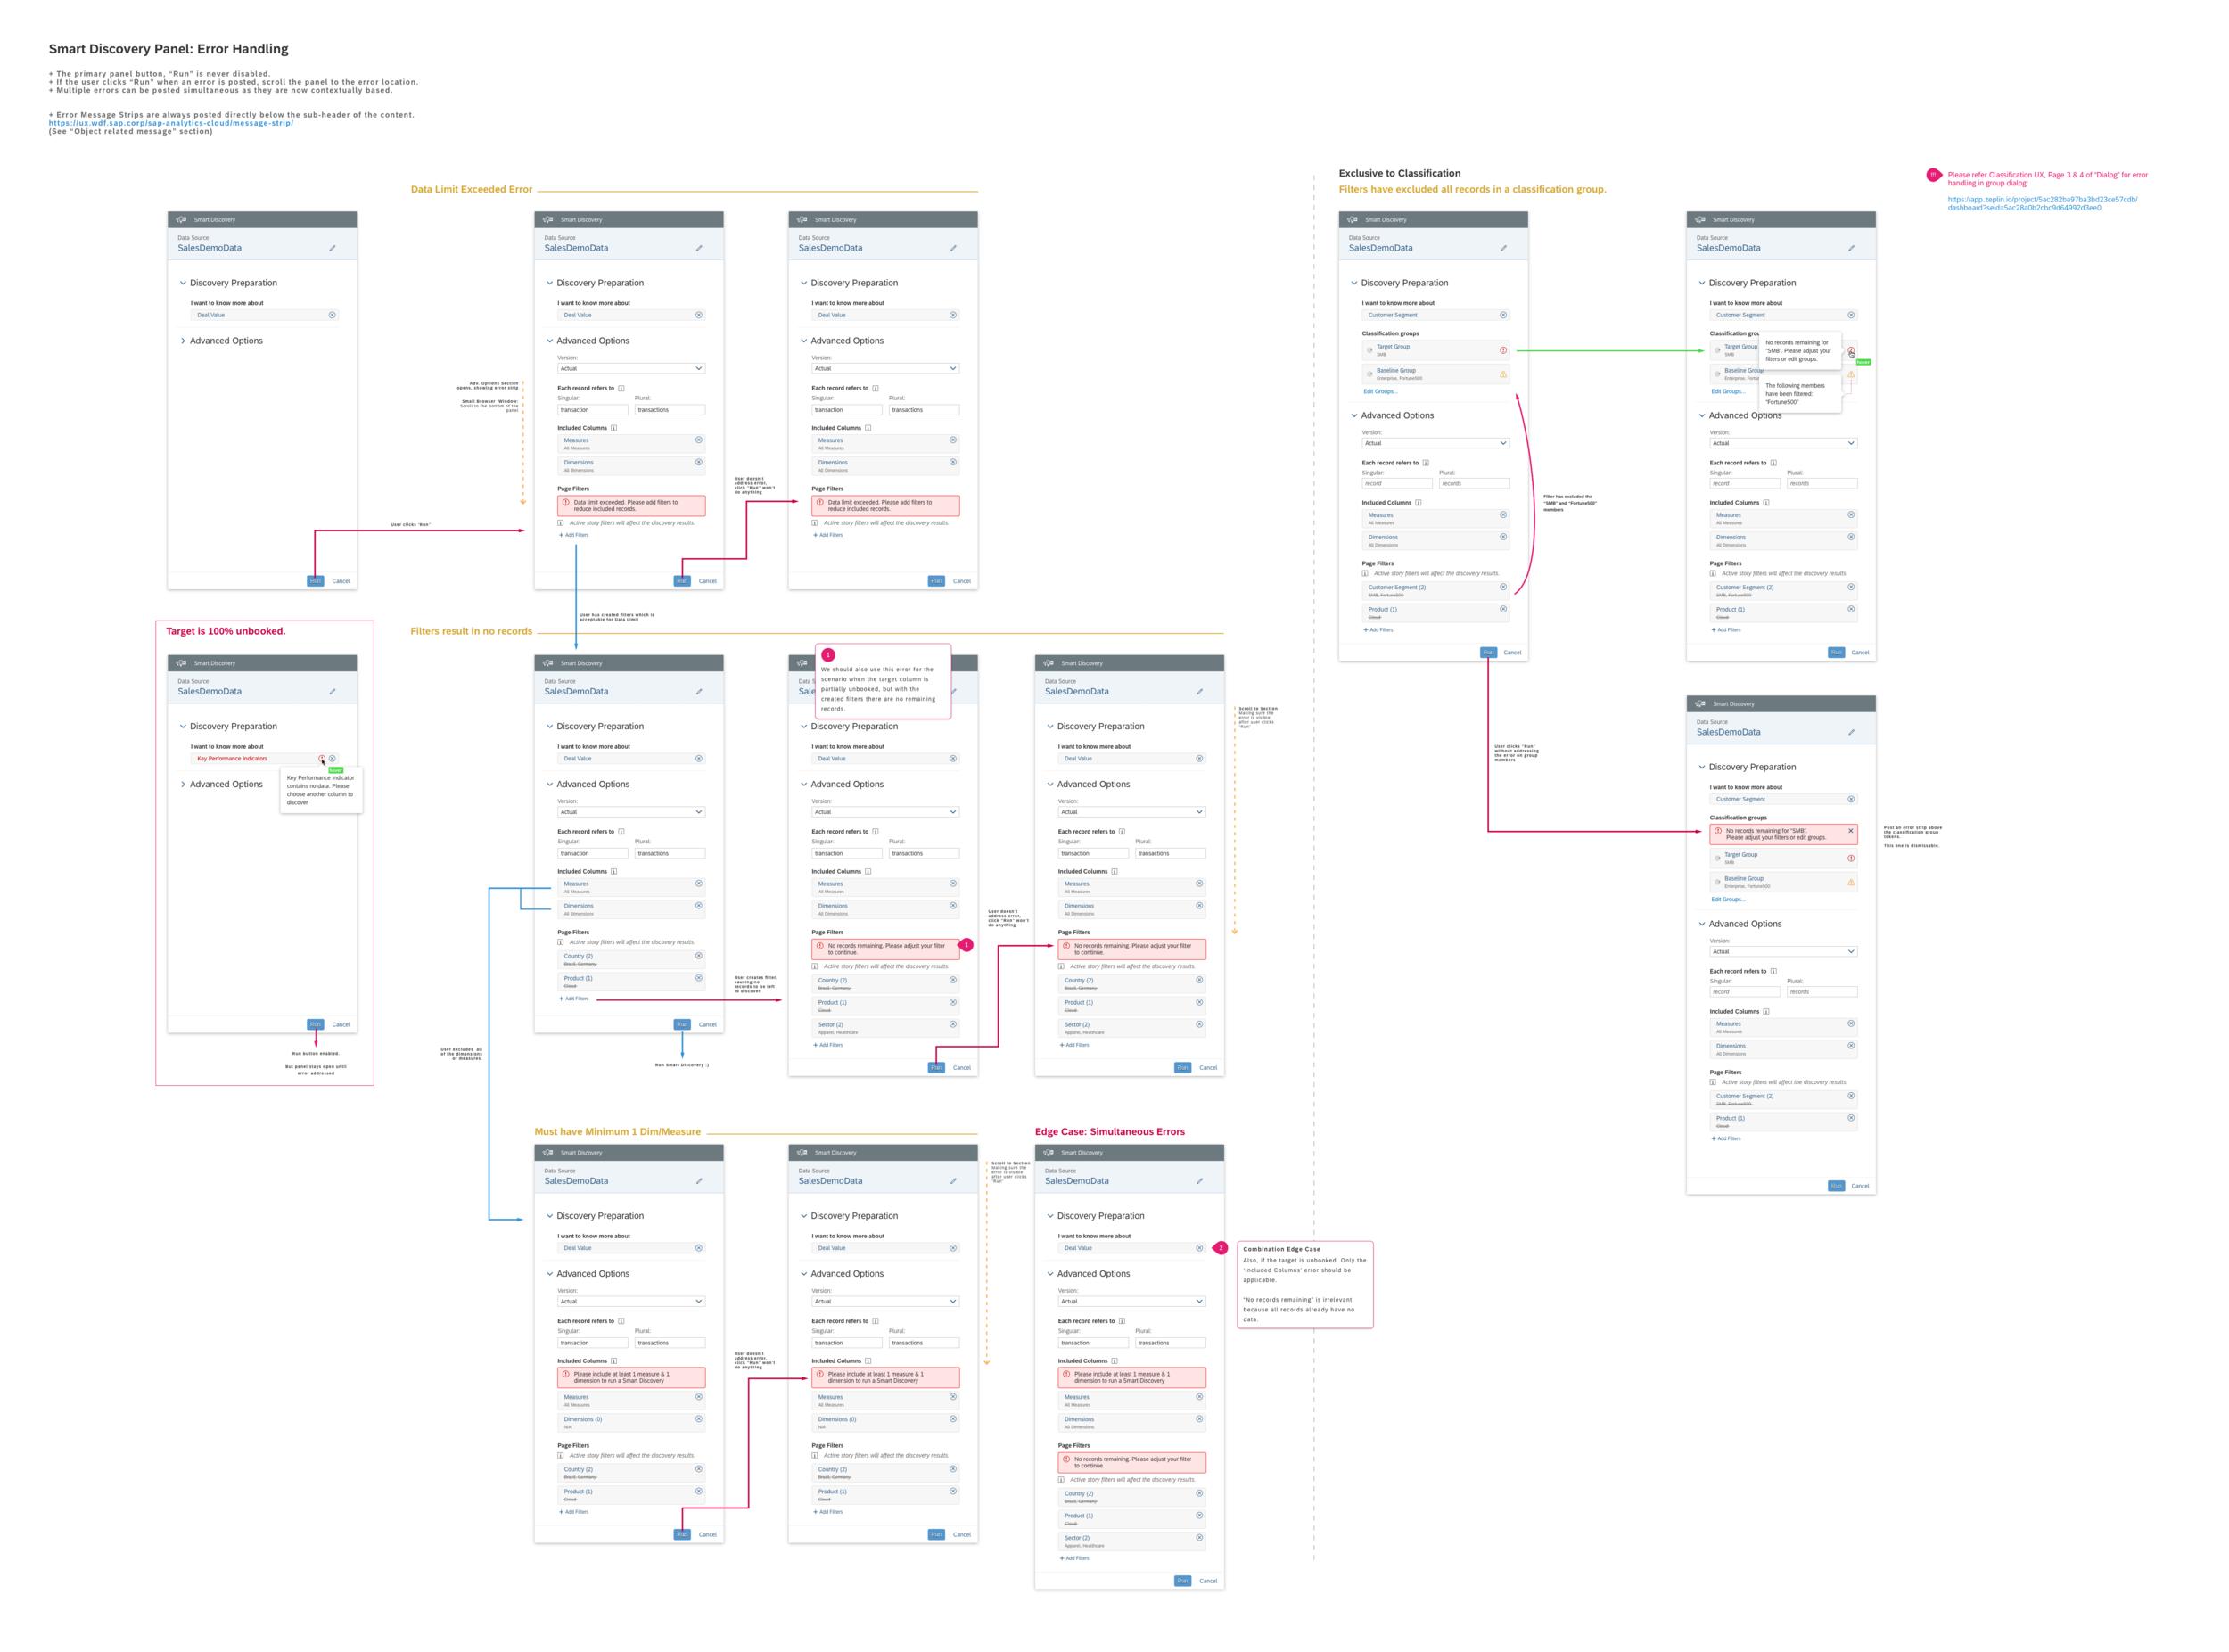 Wireframe: Communicating error handling for the settings panel.